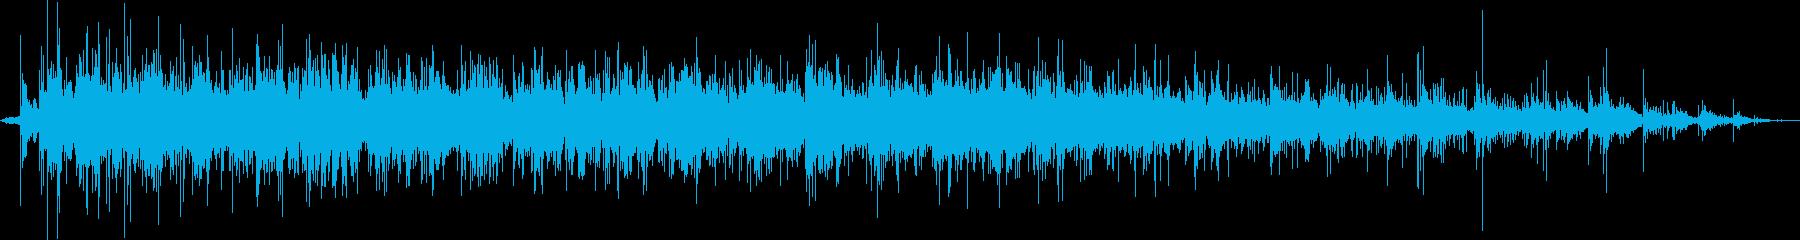 小さな屋内の群衆:拍手拍手と拍手の再生済みの波形